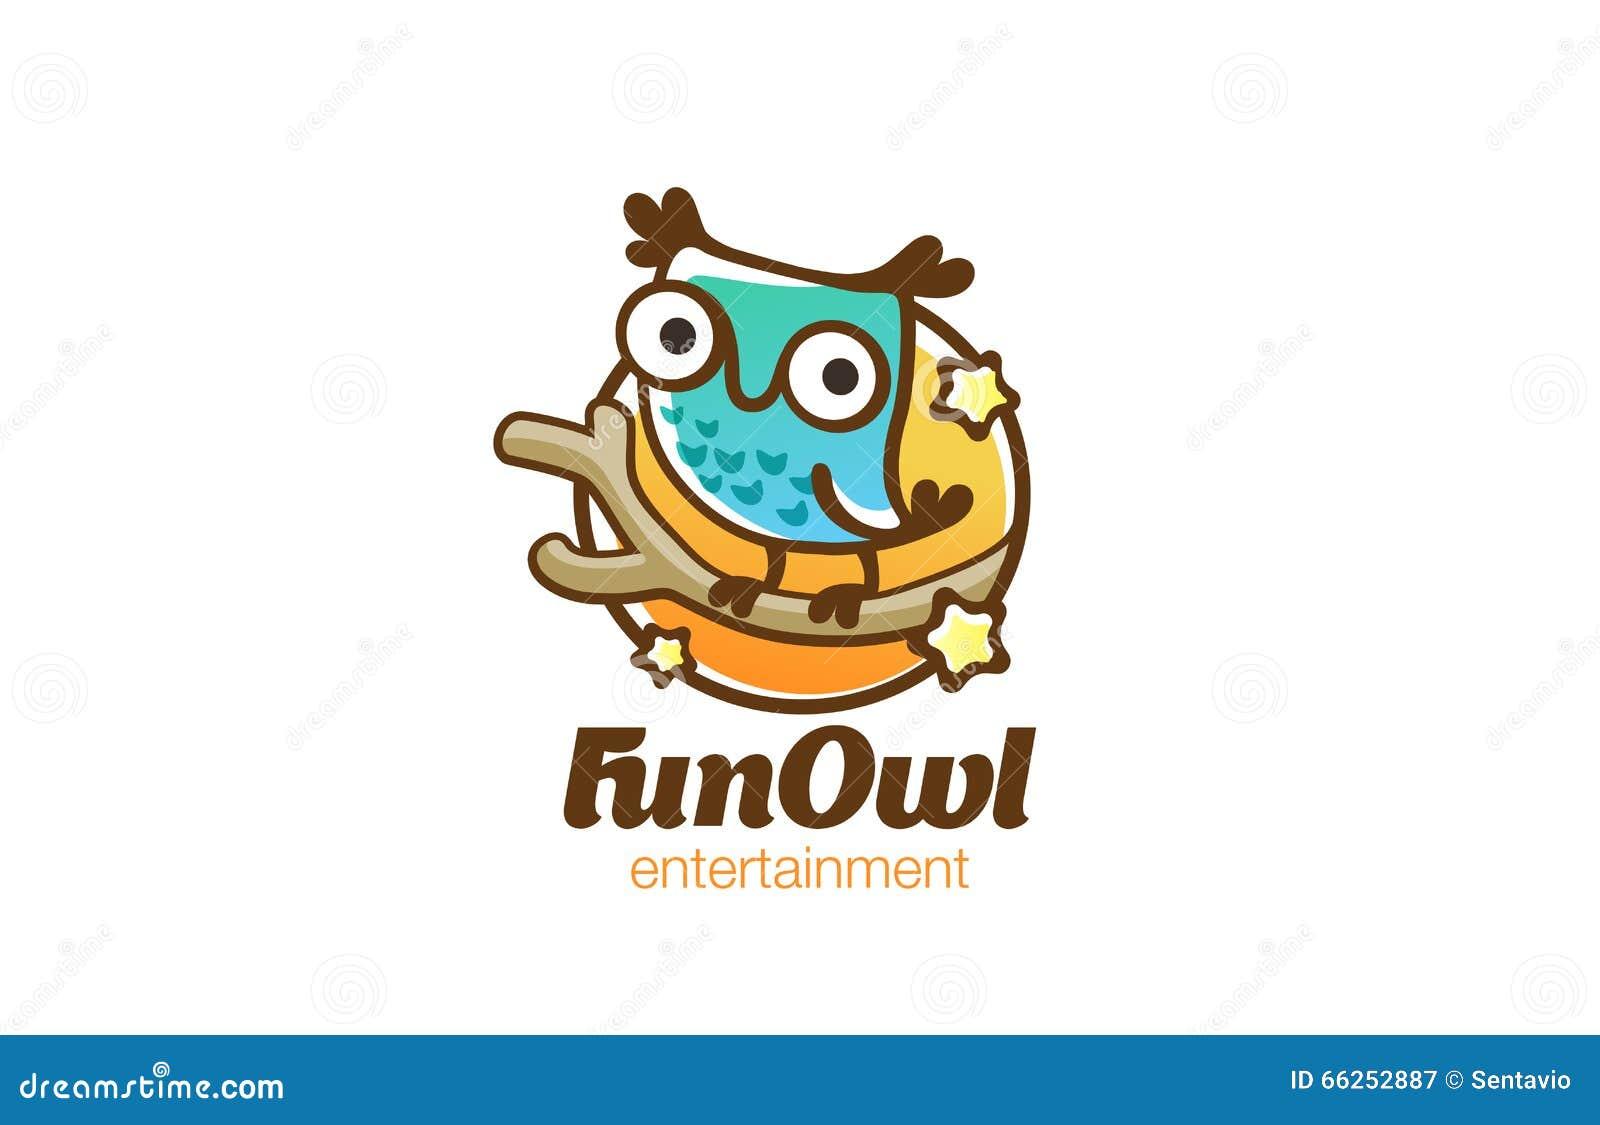 Funny Owl Sitting Logo Design Vector Linear  Bird Fun Icon Stock Vector